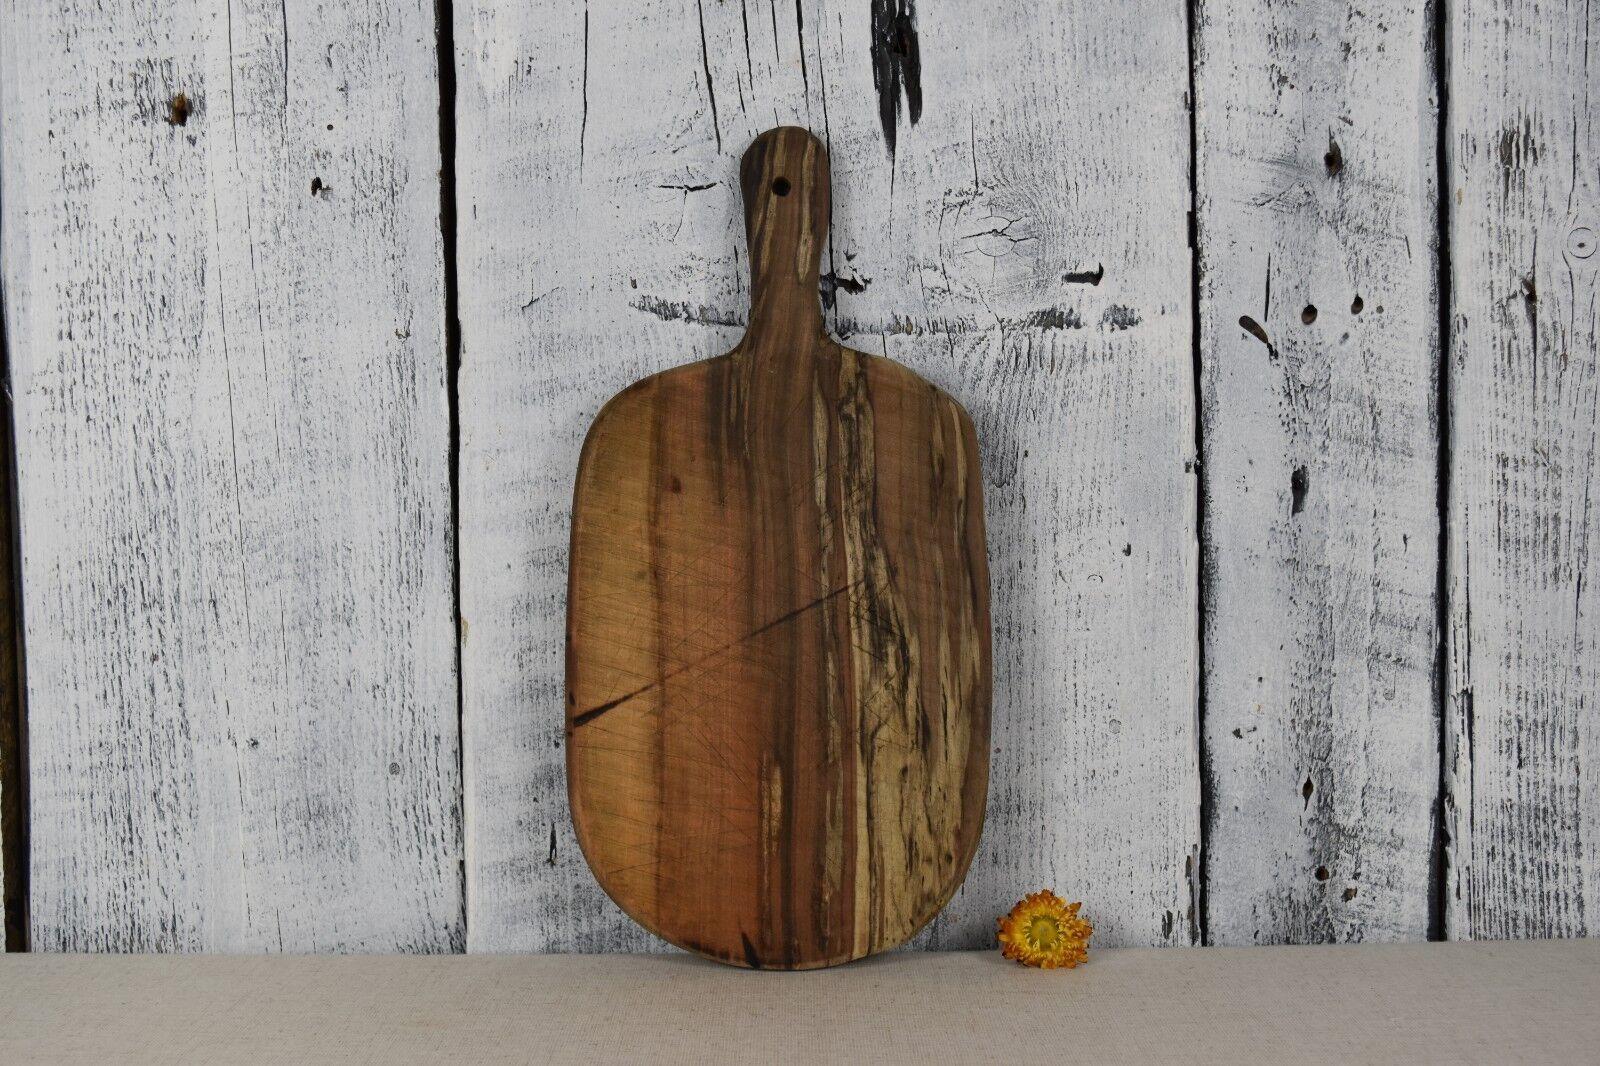 Antique Planche à découper à découper BOARD vintage Bread Board Hachoir